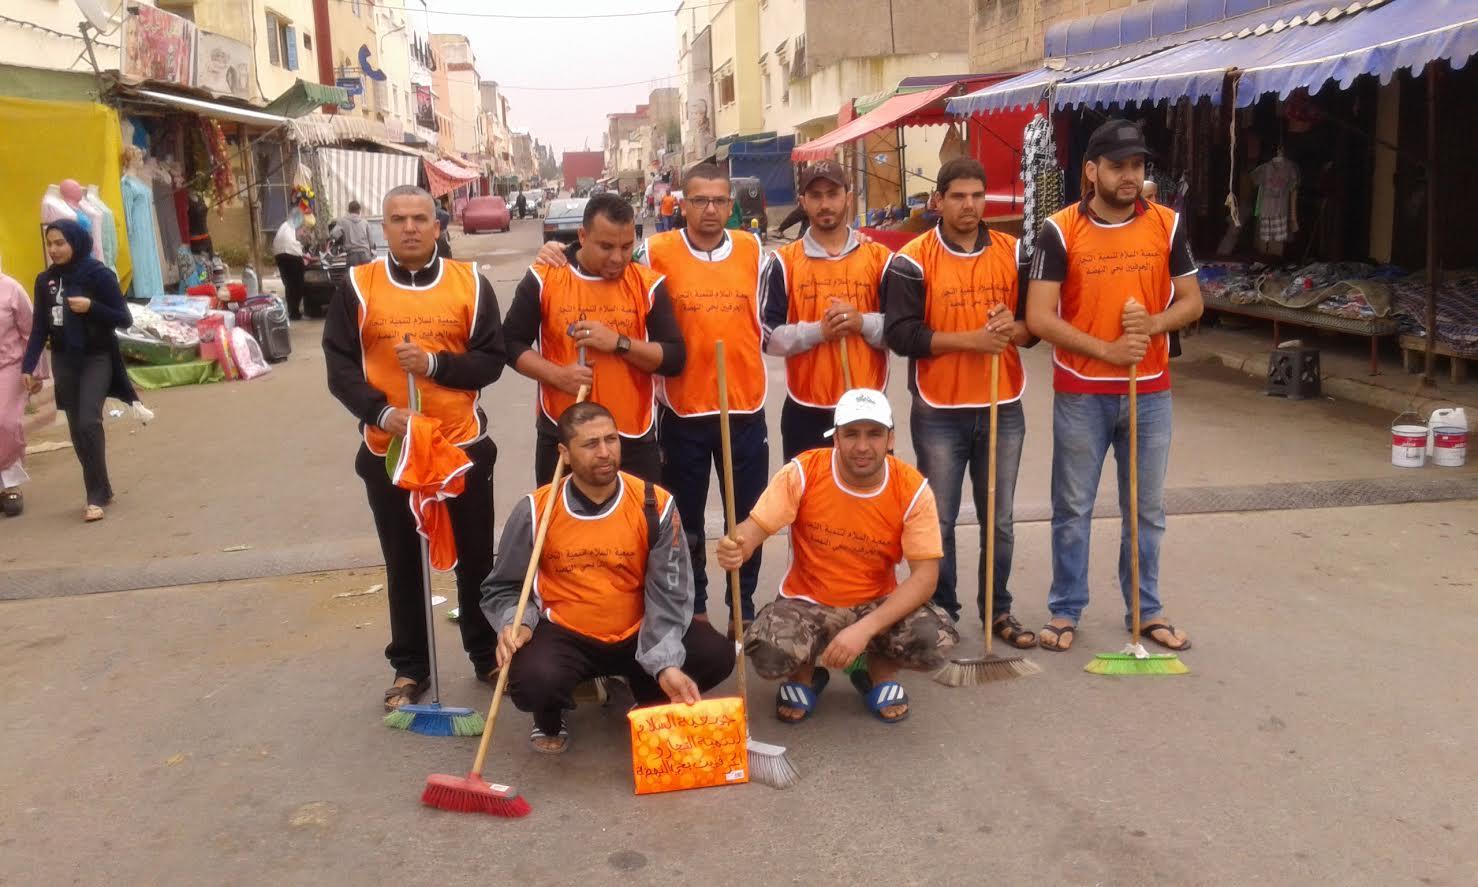 جمعويون ينظمون حملة للنظافة بحي النهضة بالزمامرة